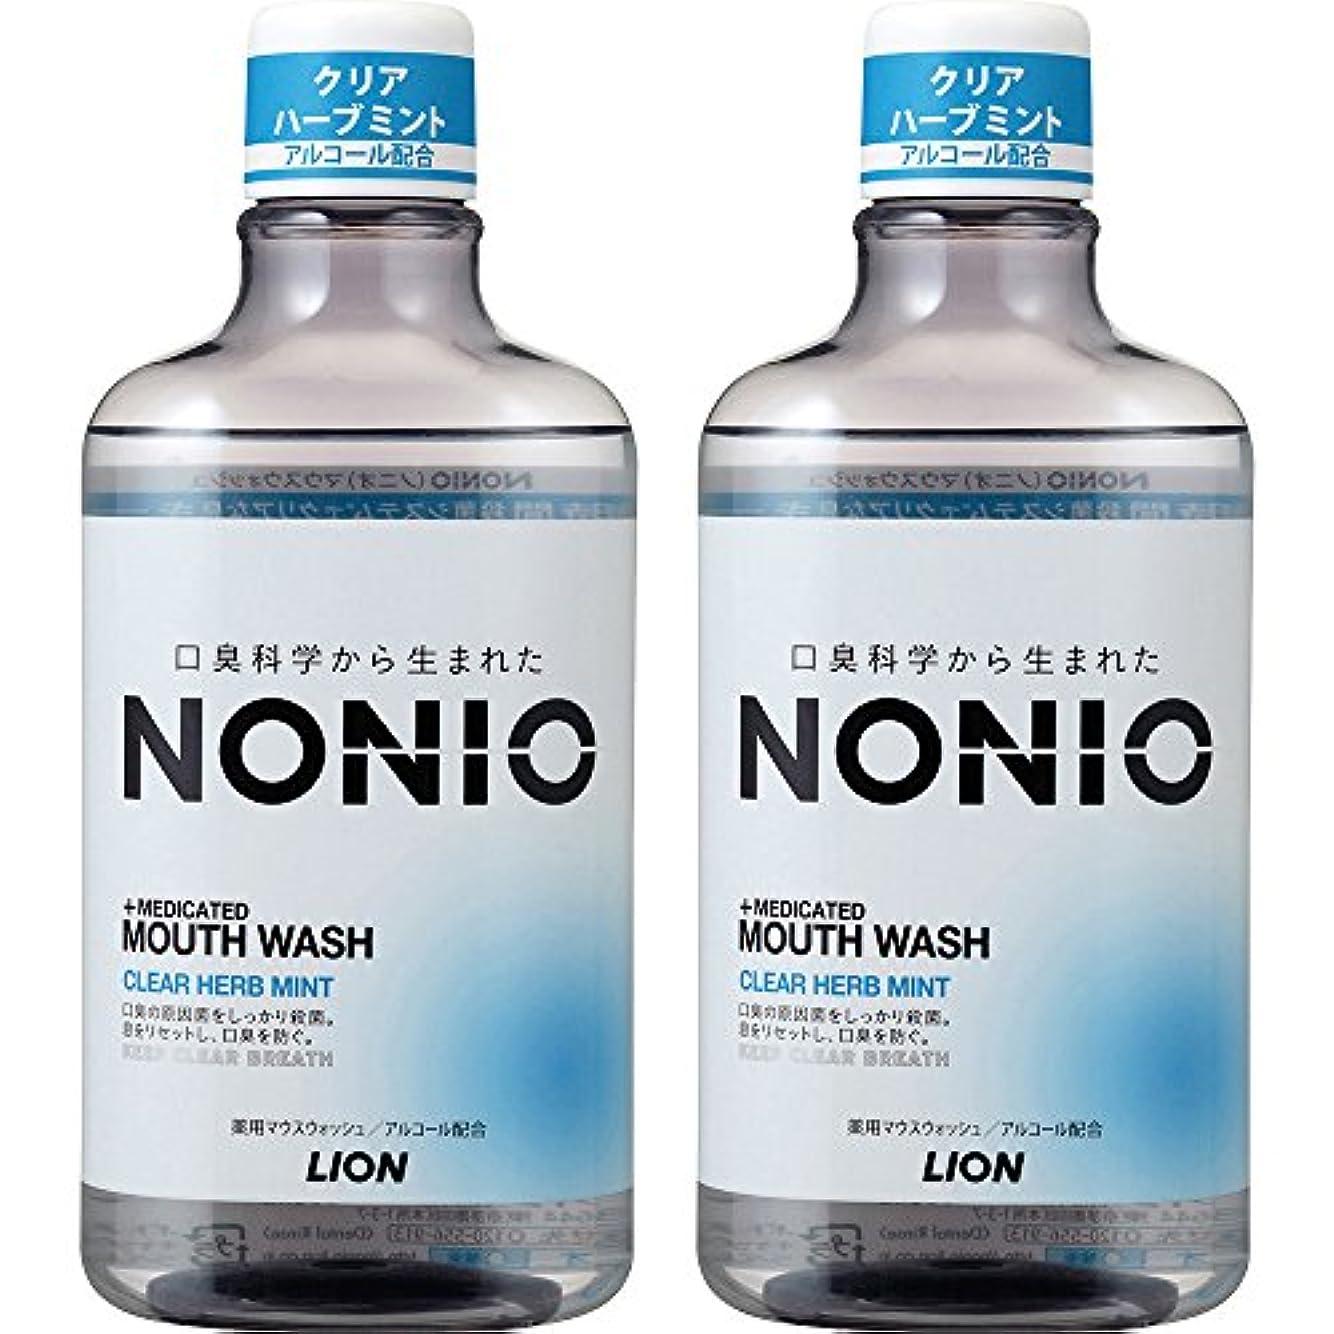 自発ファーザーファージュ引き算[医薬部外品]NONIO(ノニオ) マウスウォッシュ クリアハーブミント 600ml×2個 洗口液